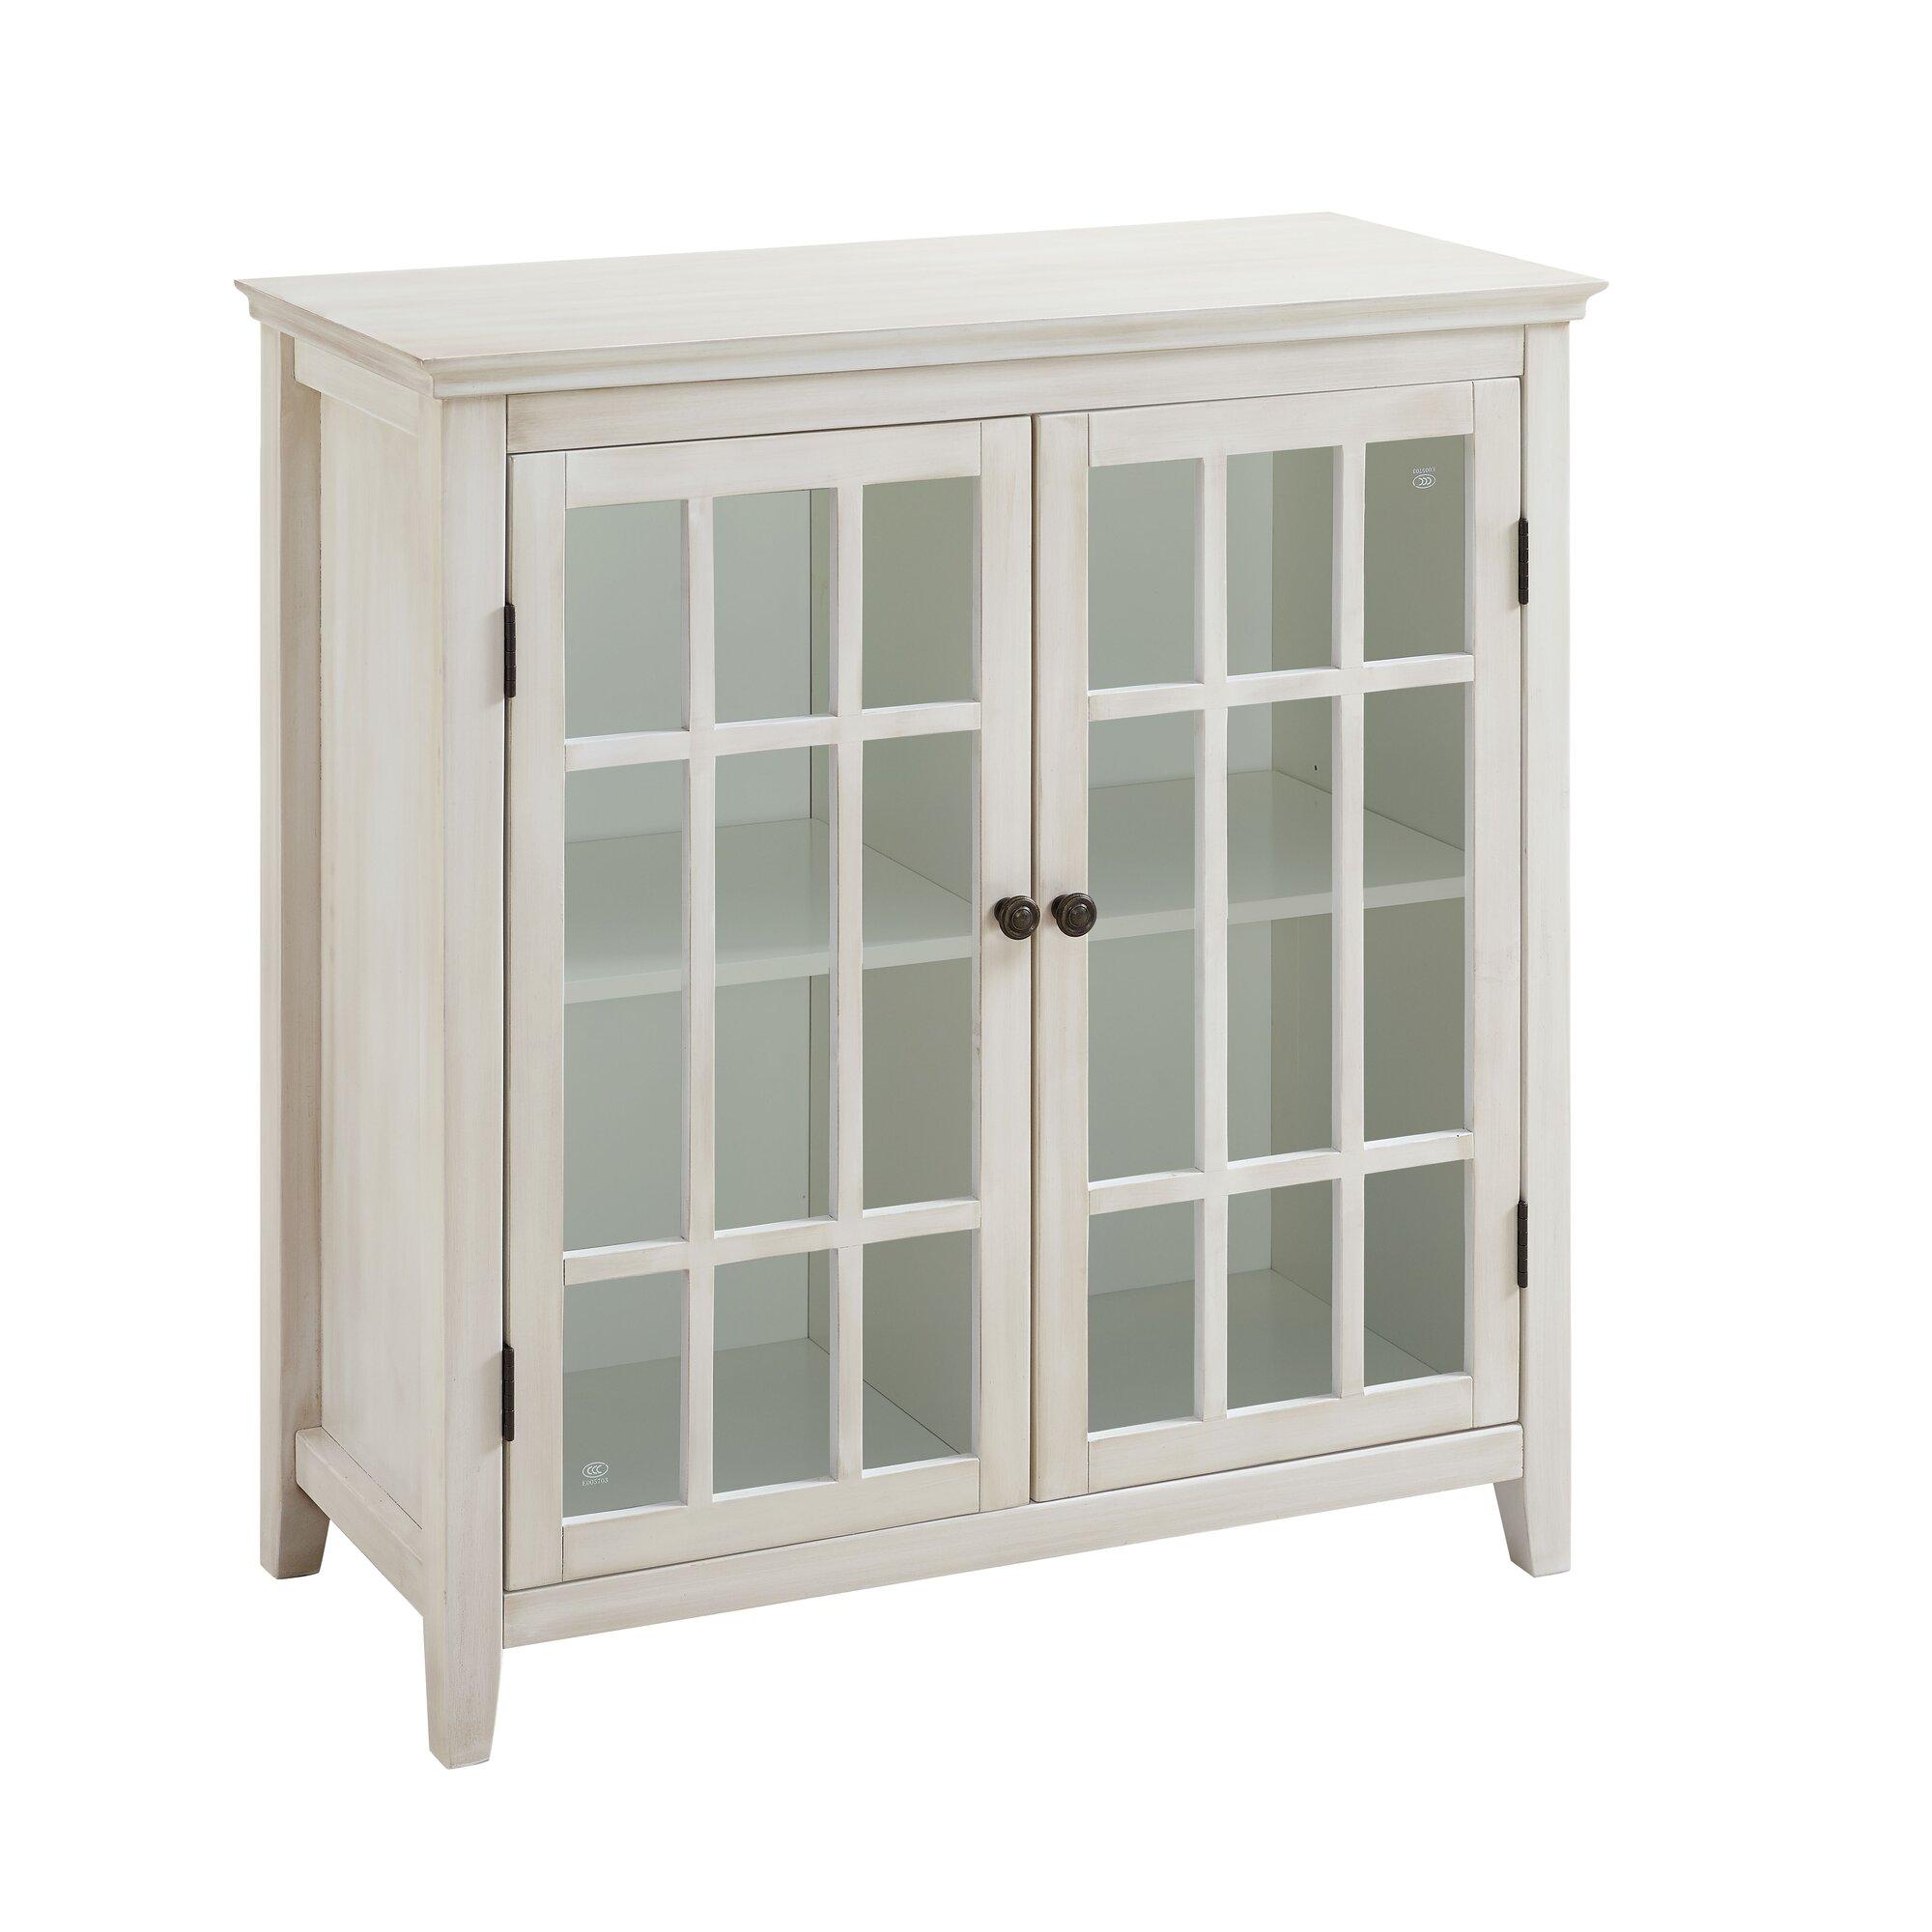 Timber veneer kitchen tambour doors tambortech - 100 Tambour Doors For Kitchen Cabinets Making Tambour Youtube